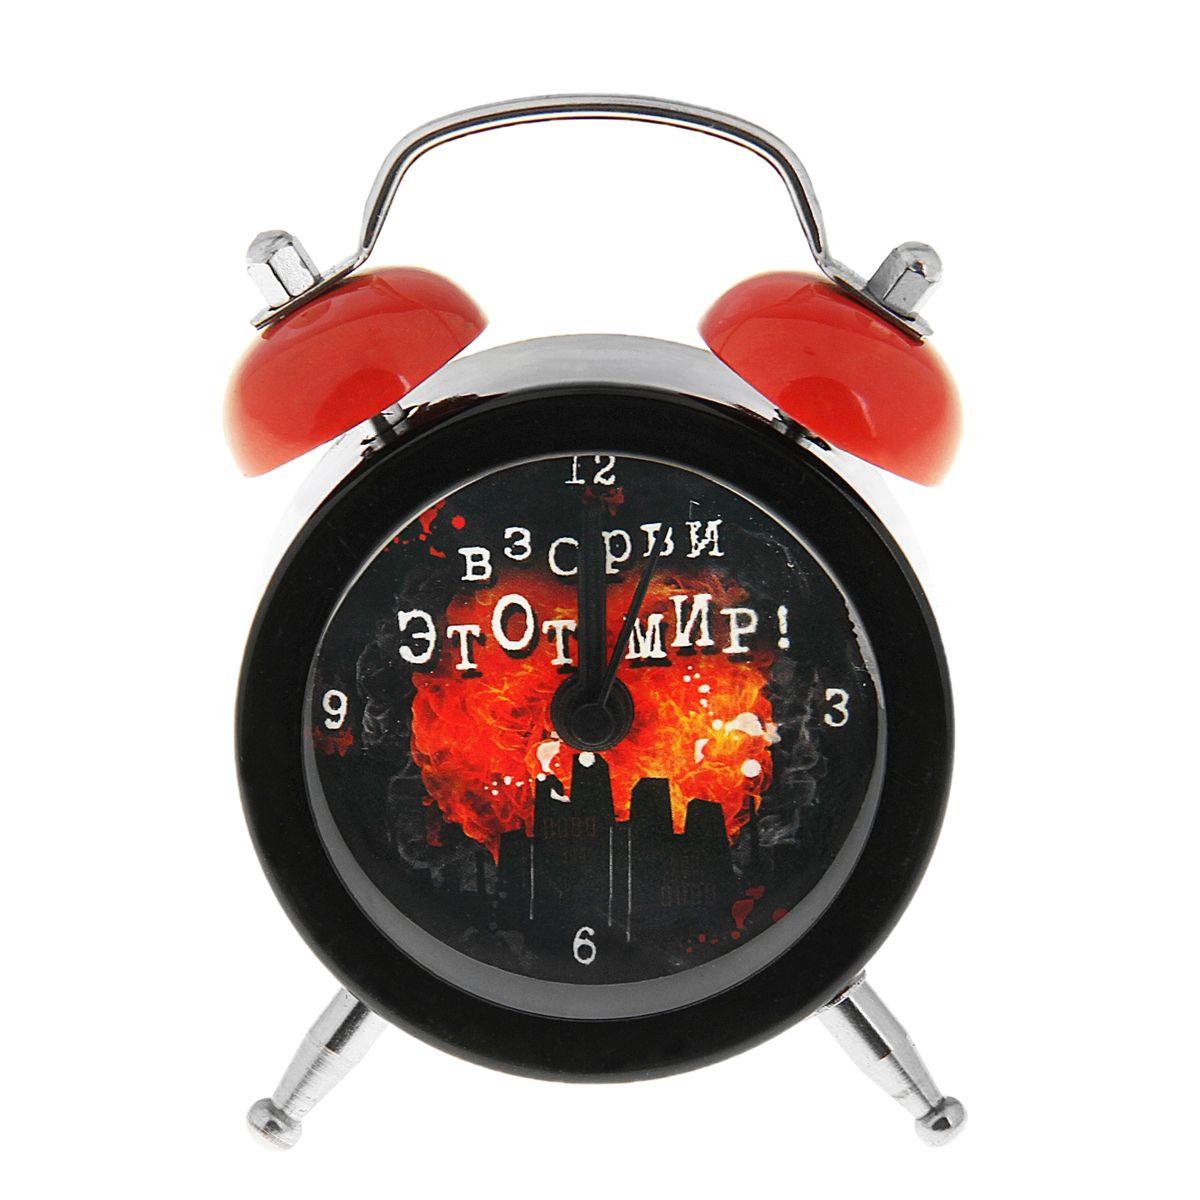 Часы-будильник Sima-land Взорви этот мир143305Как же сложно иногда вставать вовремя! Всегда так хочется поспать еще хотя бы 5 минут и бывает, что мы просыпаем. Теперь этого не случится! Яркий, оригинальный будильник Sima-land Взорви этот мир поможет вам всегда вставать в нужное время и успевать везде и всюду. Будильник украсит вашу комнату и приведет в восхищение друзей. Эта уменьшенная версия привычного будильника умещается на ладони и работает так же громко, как и привычные аналоги. Время показывает точно и будит в установленный час. На задней панели будильника расположены переключатель включения/выключения механизма, а также два колесика для настройки текущего времени и времени звонка будильника. Будильник работает от 1 батарейки типа LR44 (входит в комплект).